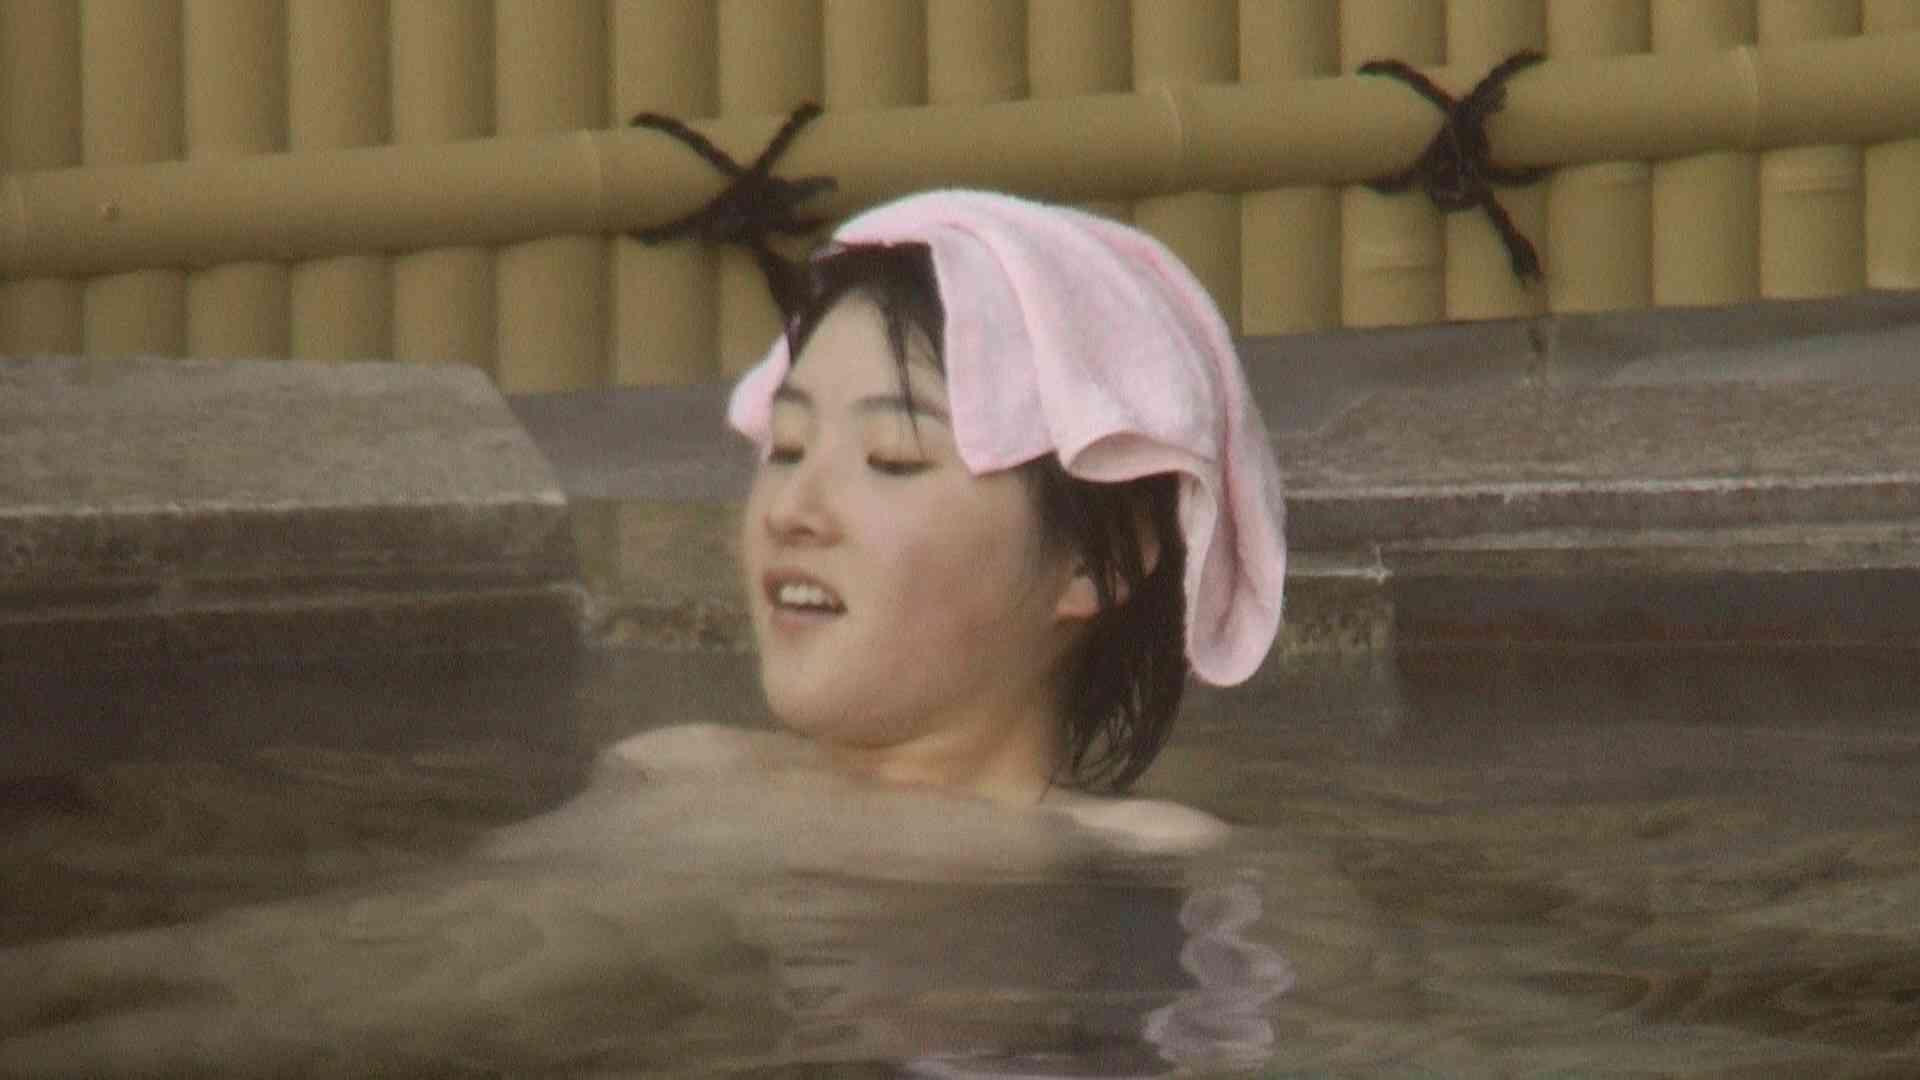 Aquaな露天風呂Vol.207 OLハメ撮り  26Pix 15